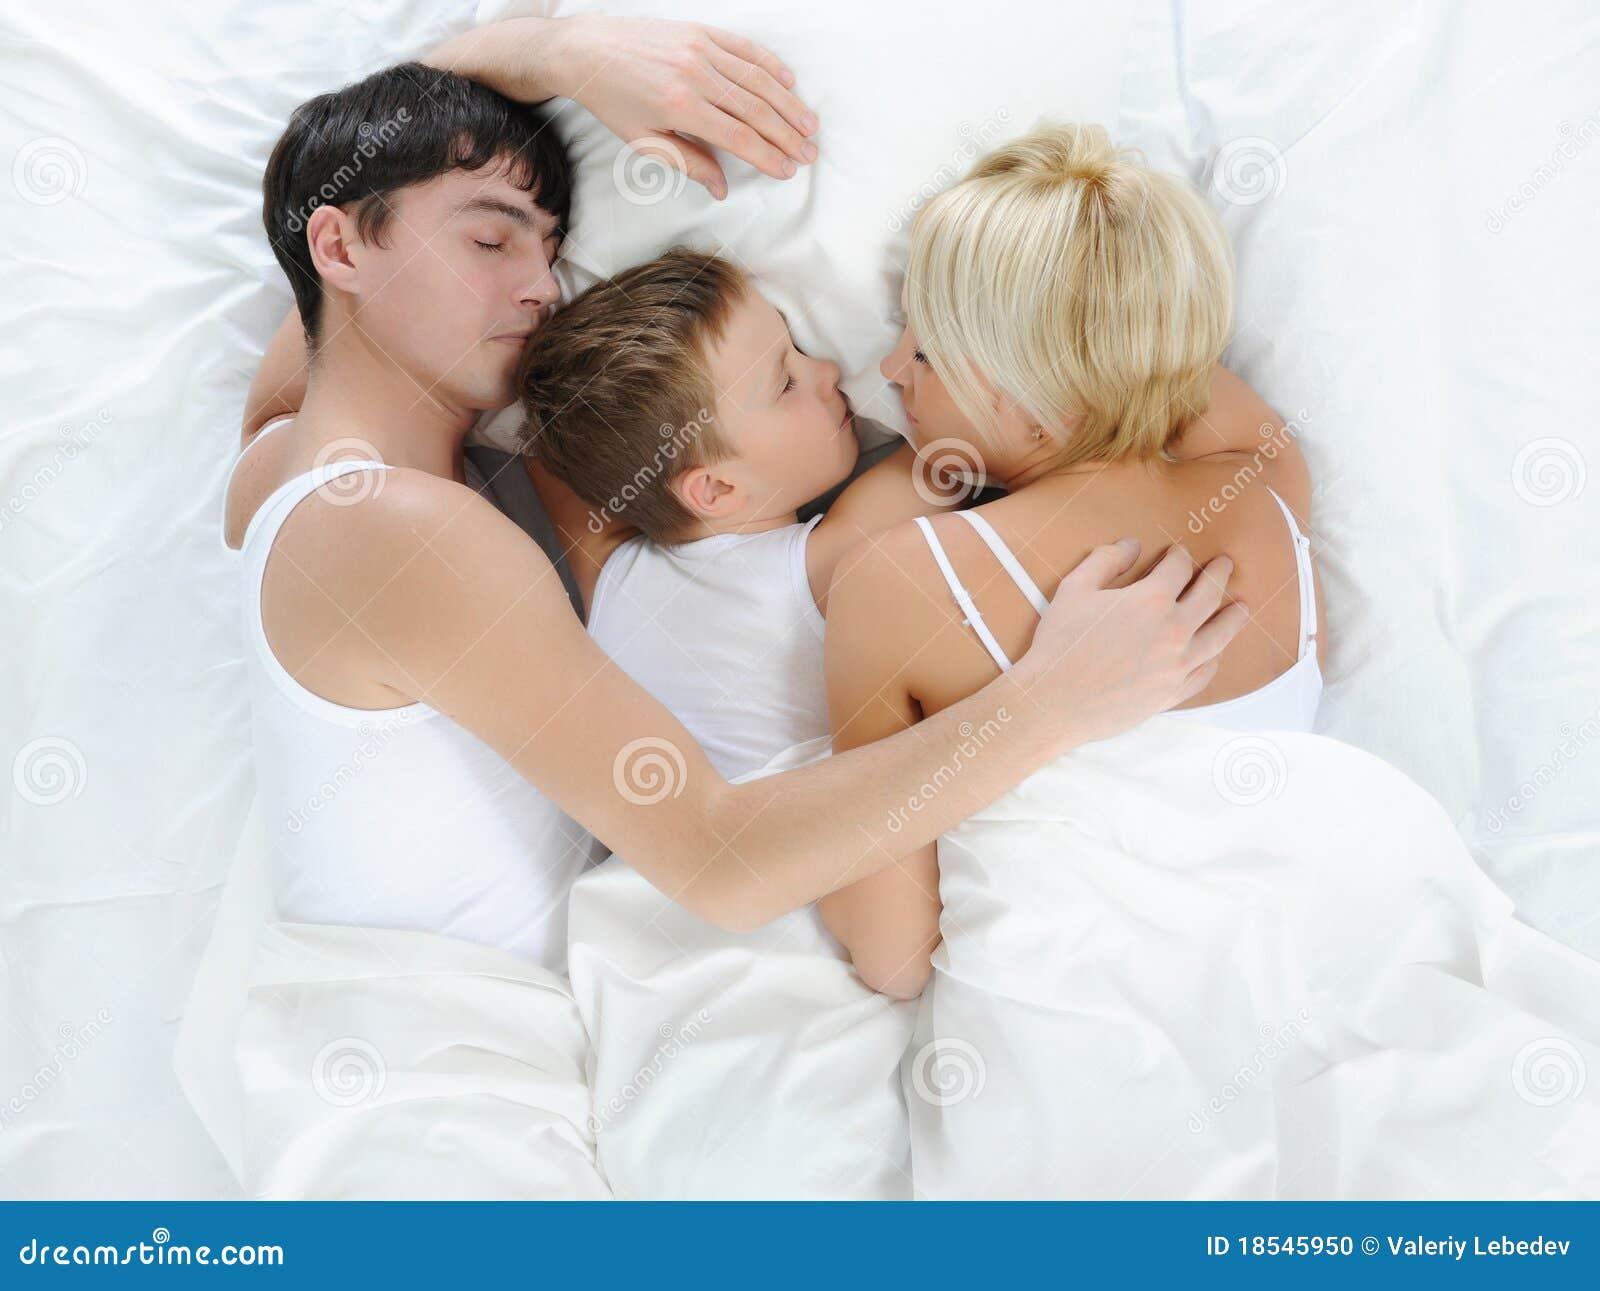 Секс мамы с сыном в спальне, Реальное русское онлайн видео секса матери с сыном 28 фотография